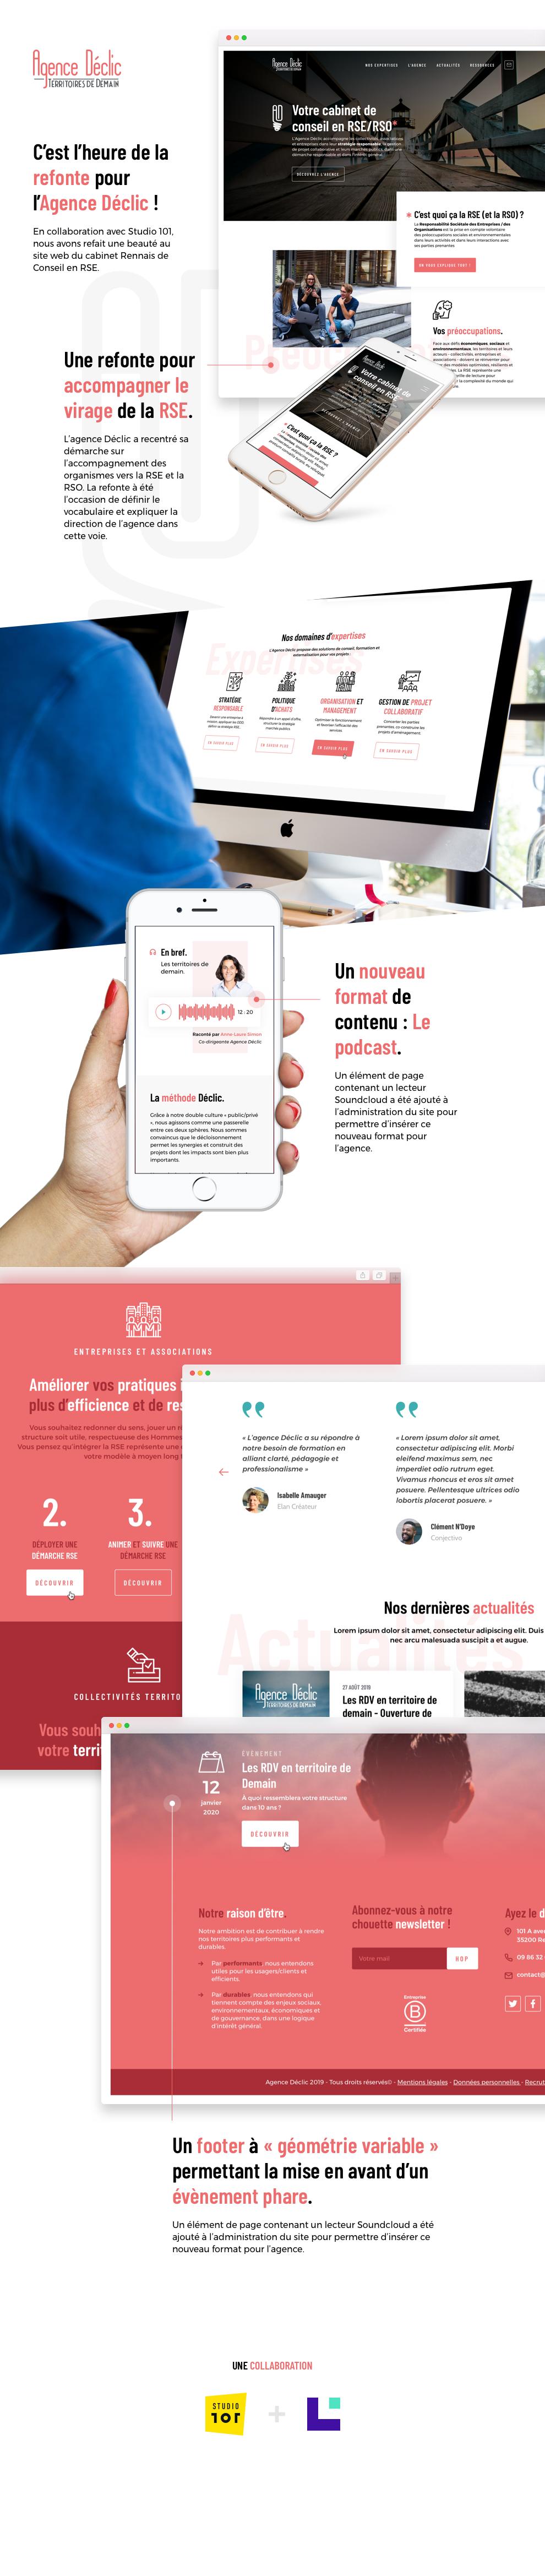 Infographie : Refonte du webdesign de l'Agence Déclic, spécialiste de la RSE.